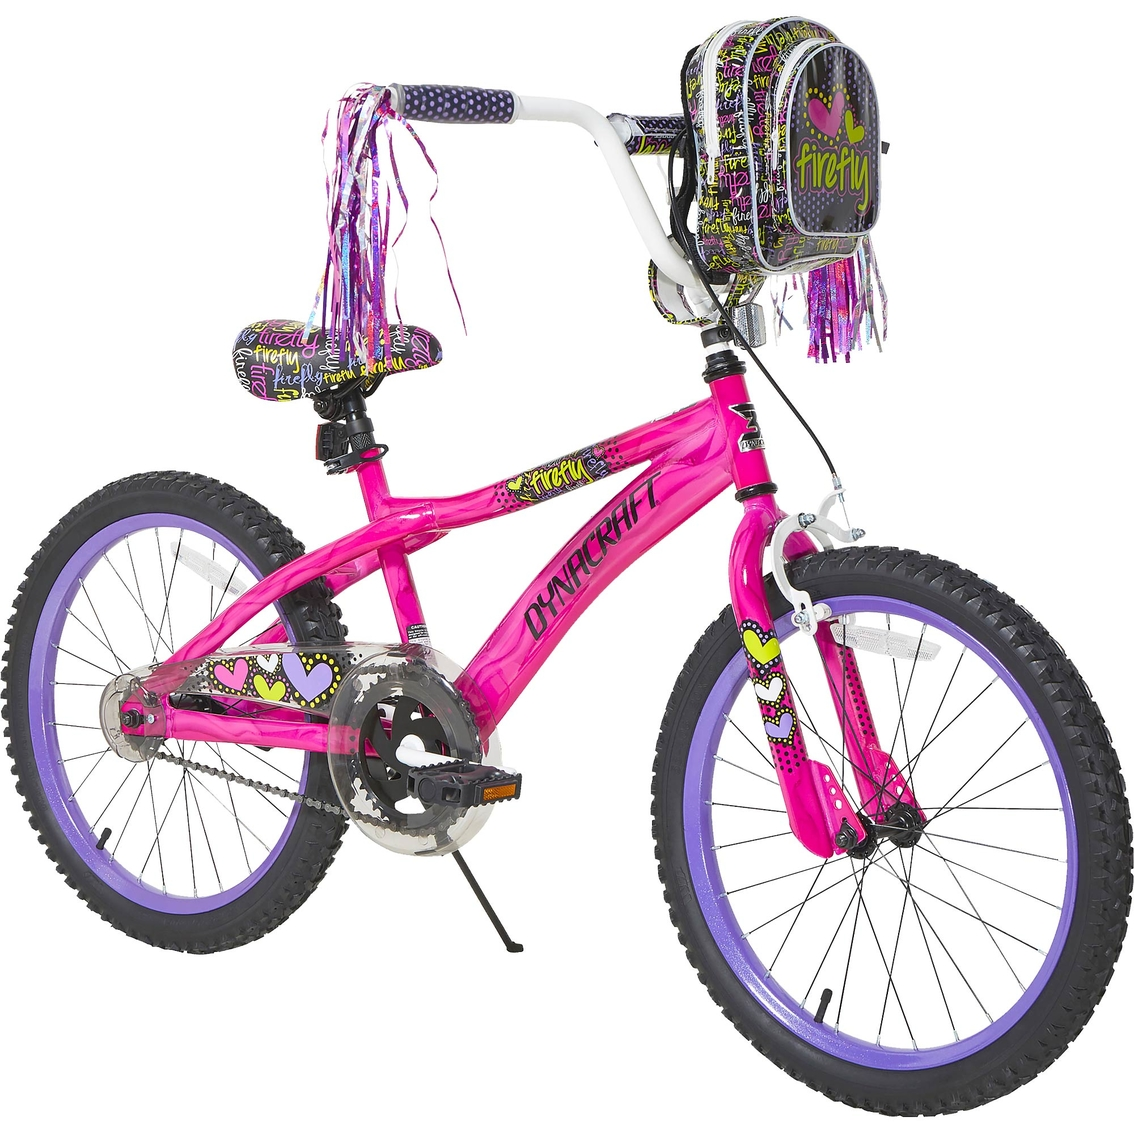 Dynacraft Girls 20 In  Firefly Bmx Bike | Kids' Bikes